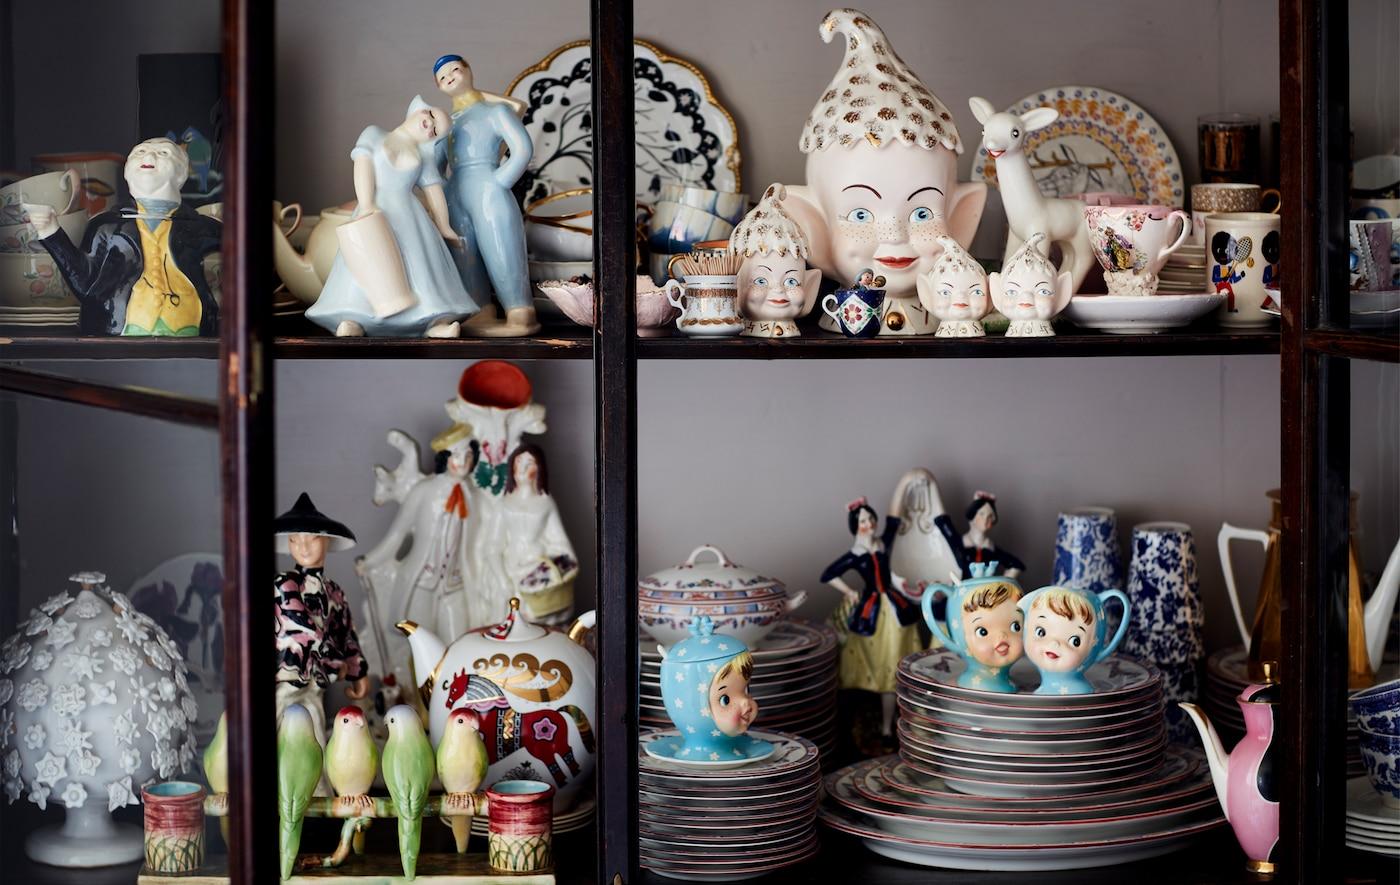 En samling porslinssaker i ett glasskåp.